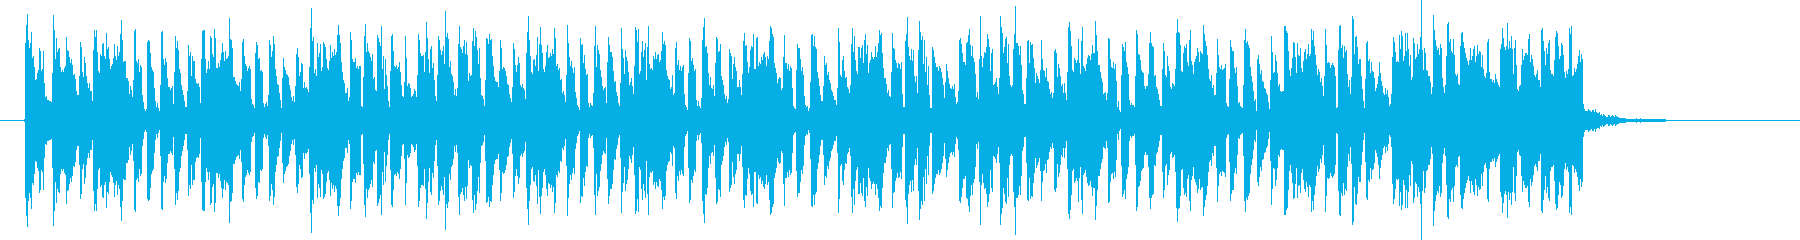 テンションアップな明るい音楽の再生済みの波形